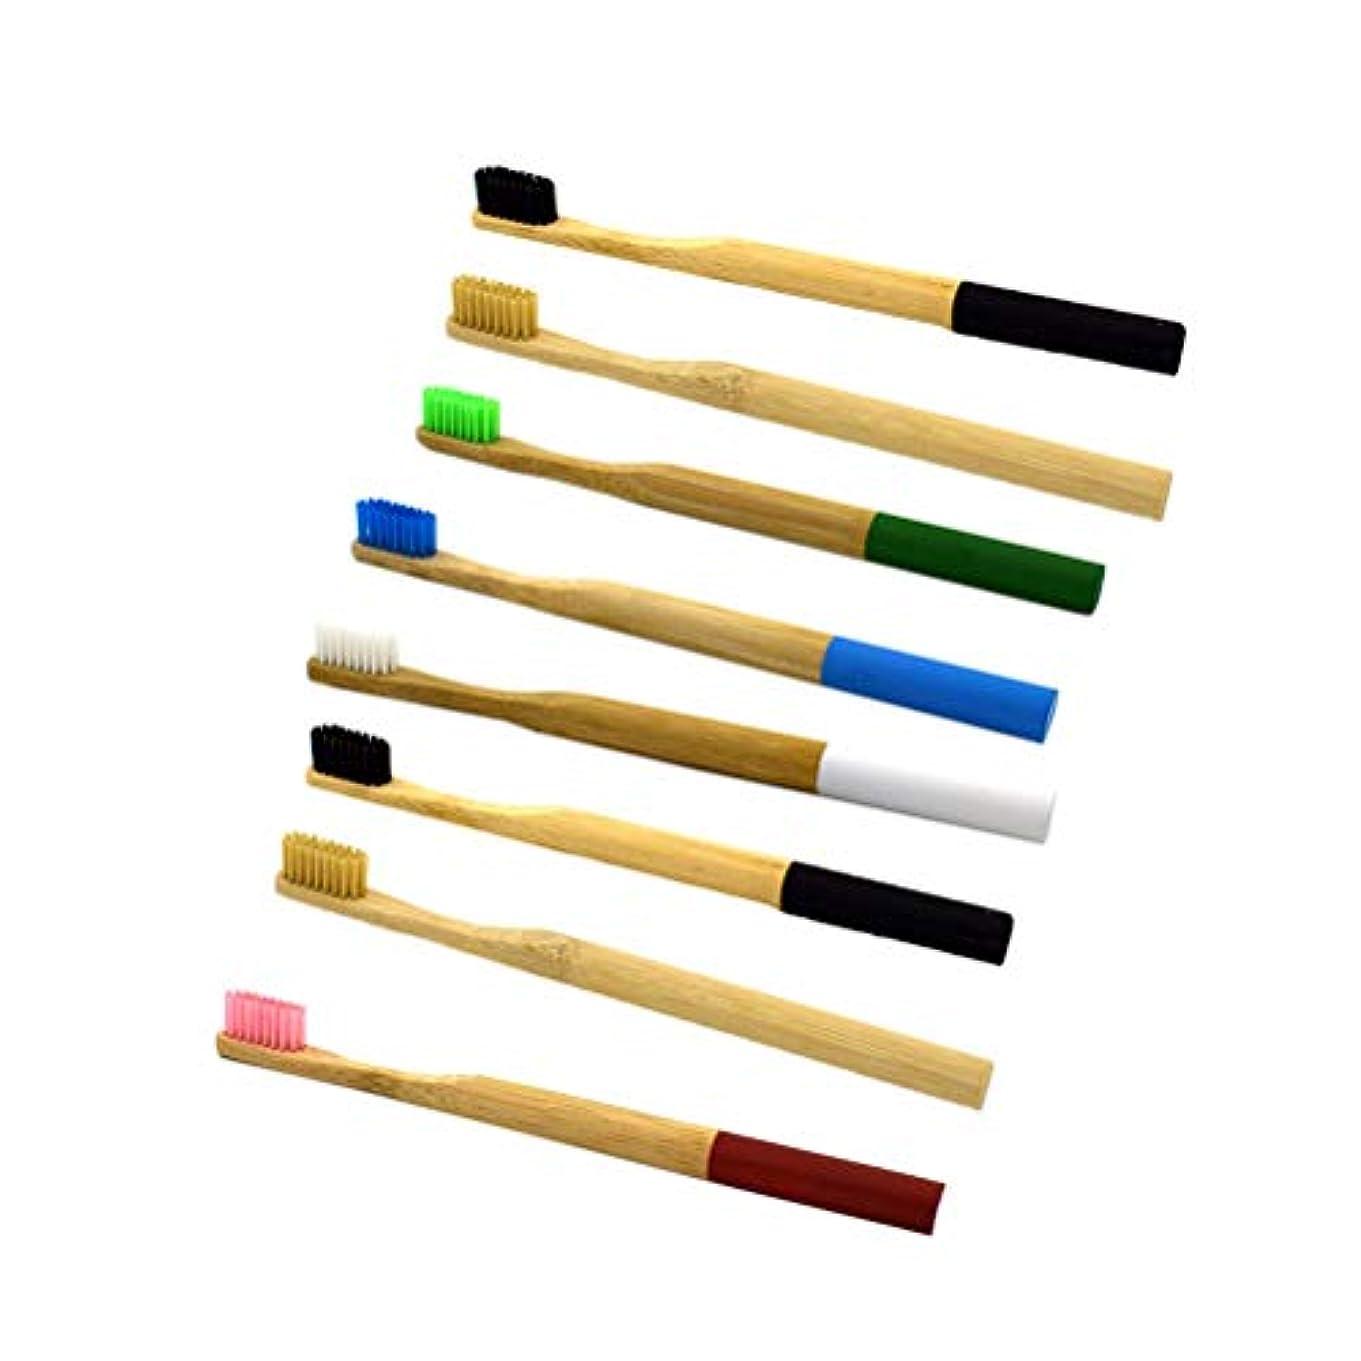 溶けた行く紛争Healifty 8本 竹炭の歯ブラシ 竹の歯ブラシ 分解性 環境保護の歯ブラシ 天然の柔らかいブラシ 混合色 4本入